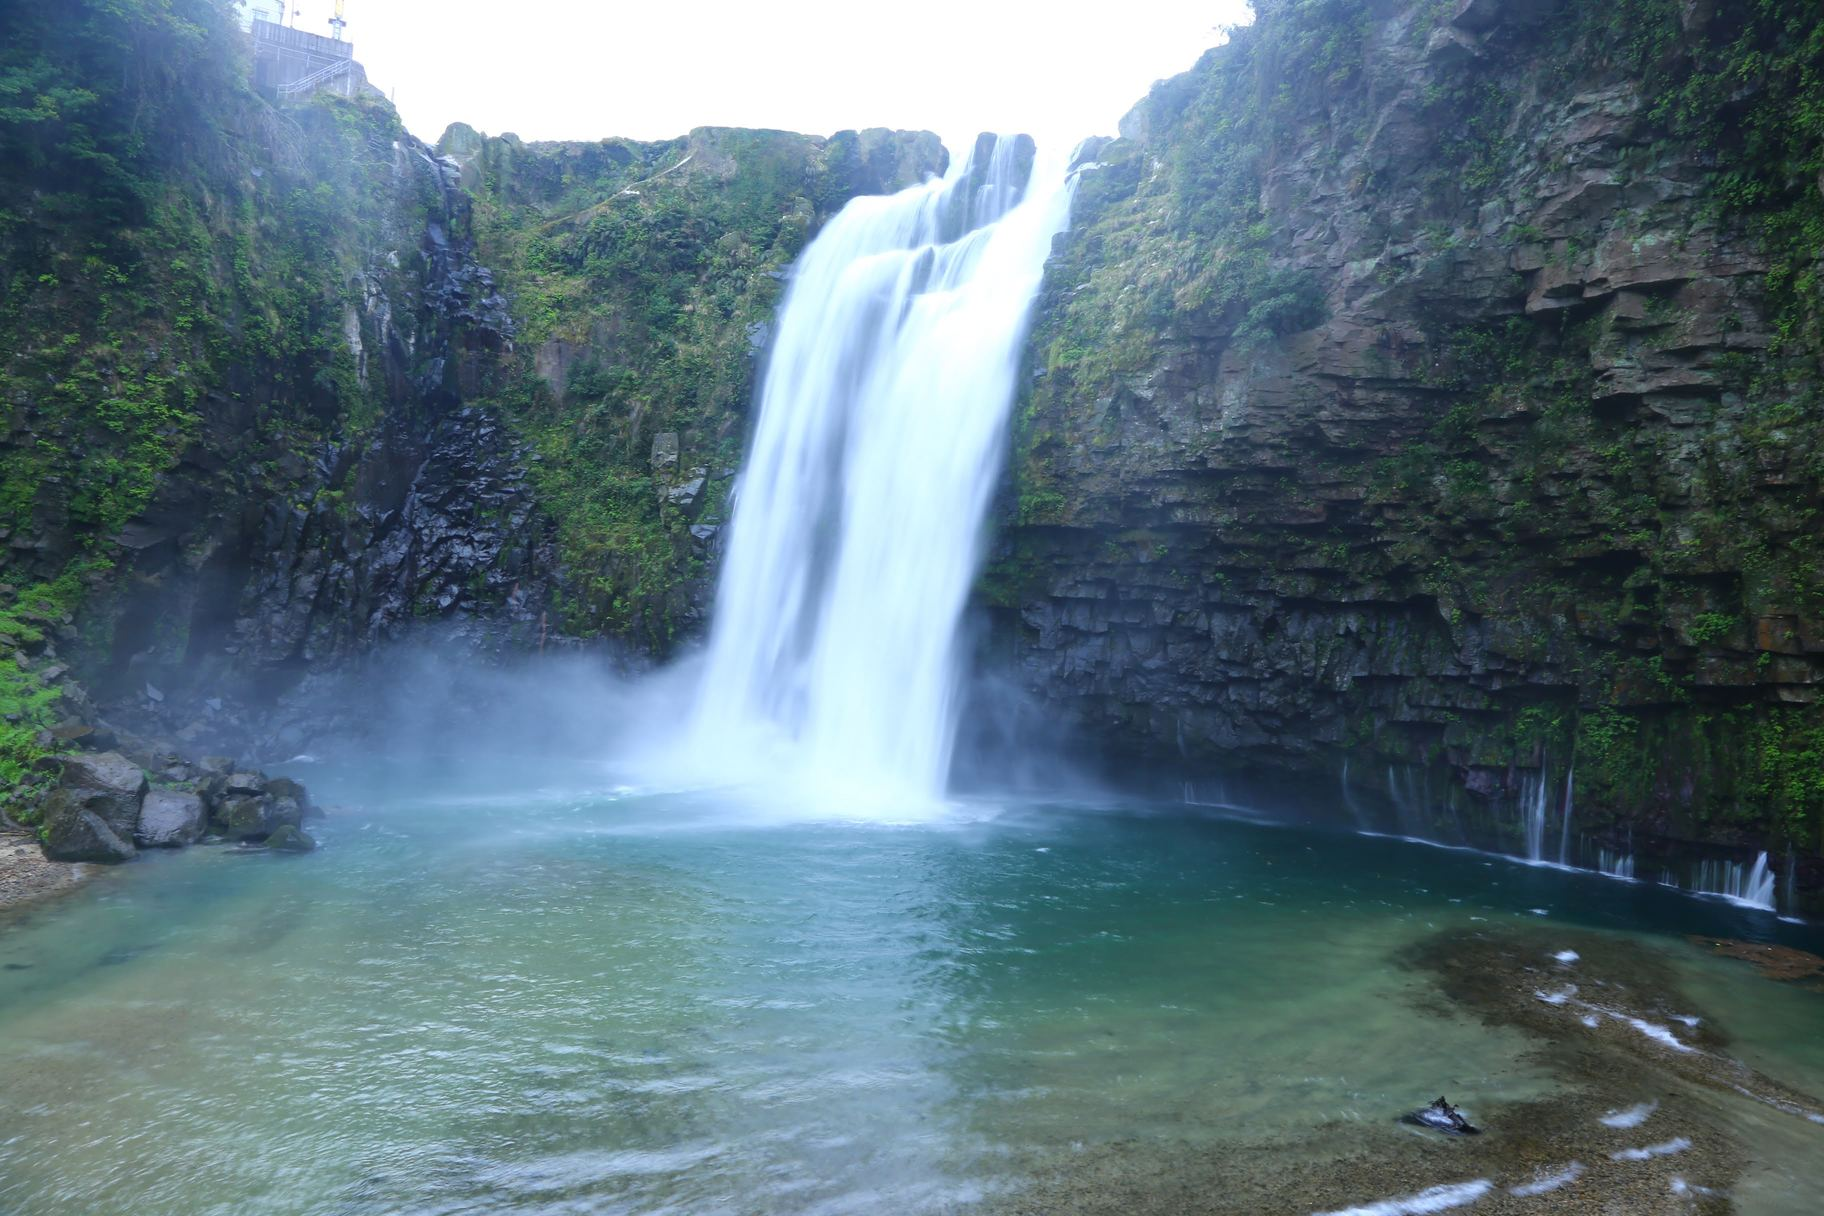 雄川の滝 鹿児島 観光 冬 九州 旅行 12月 1月 2月 おすすめ